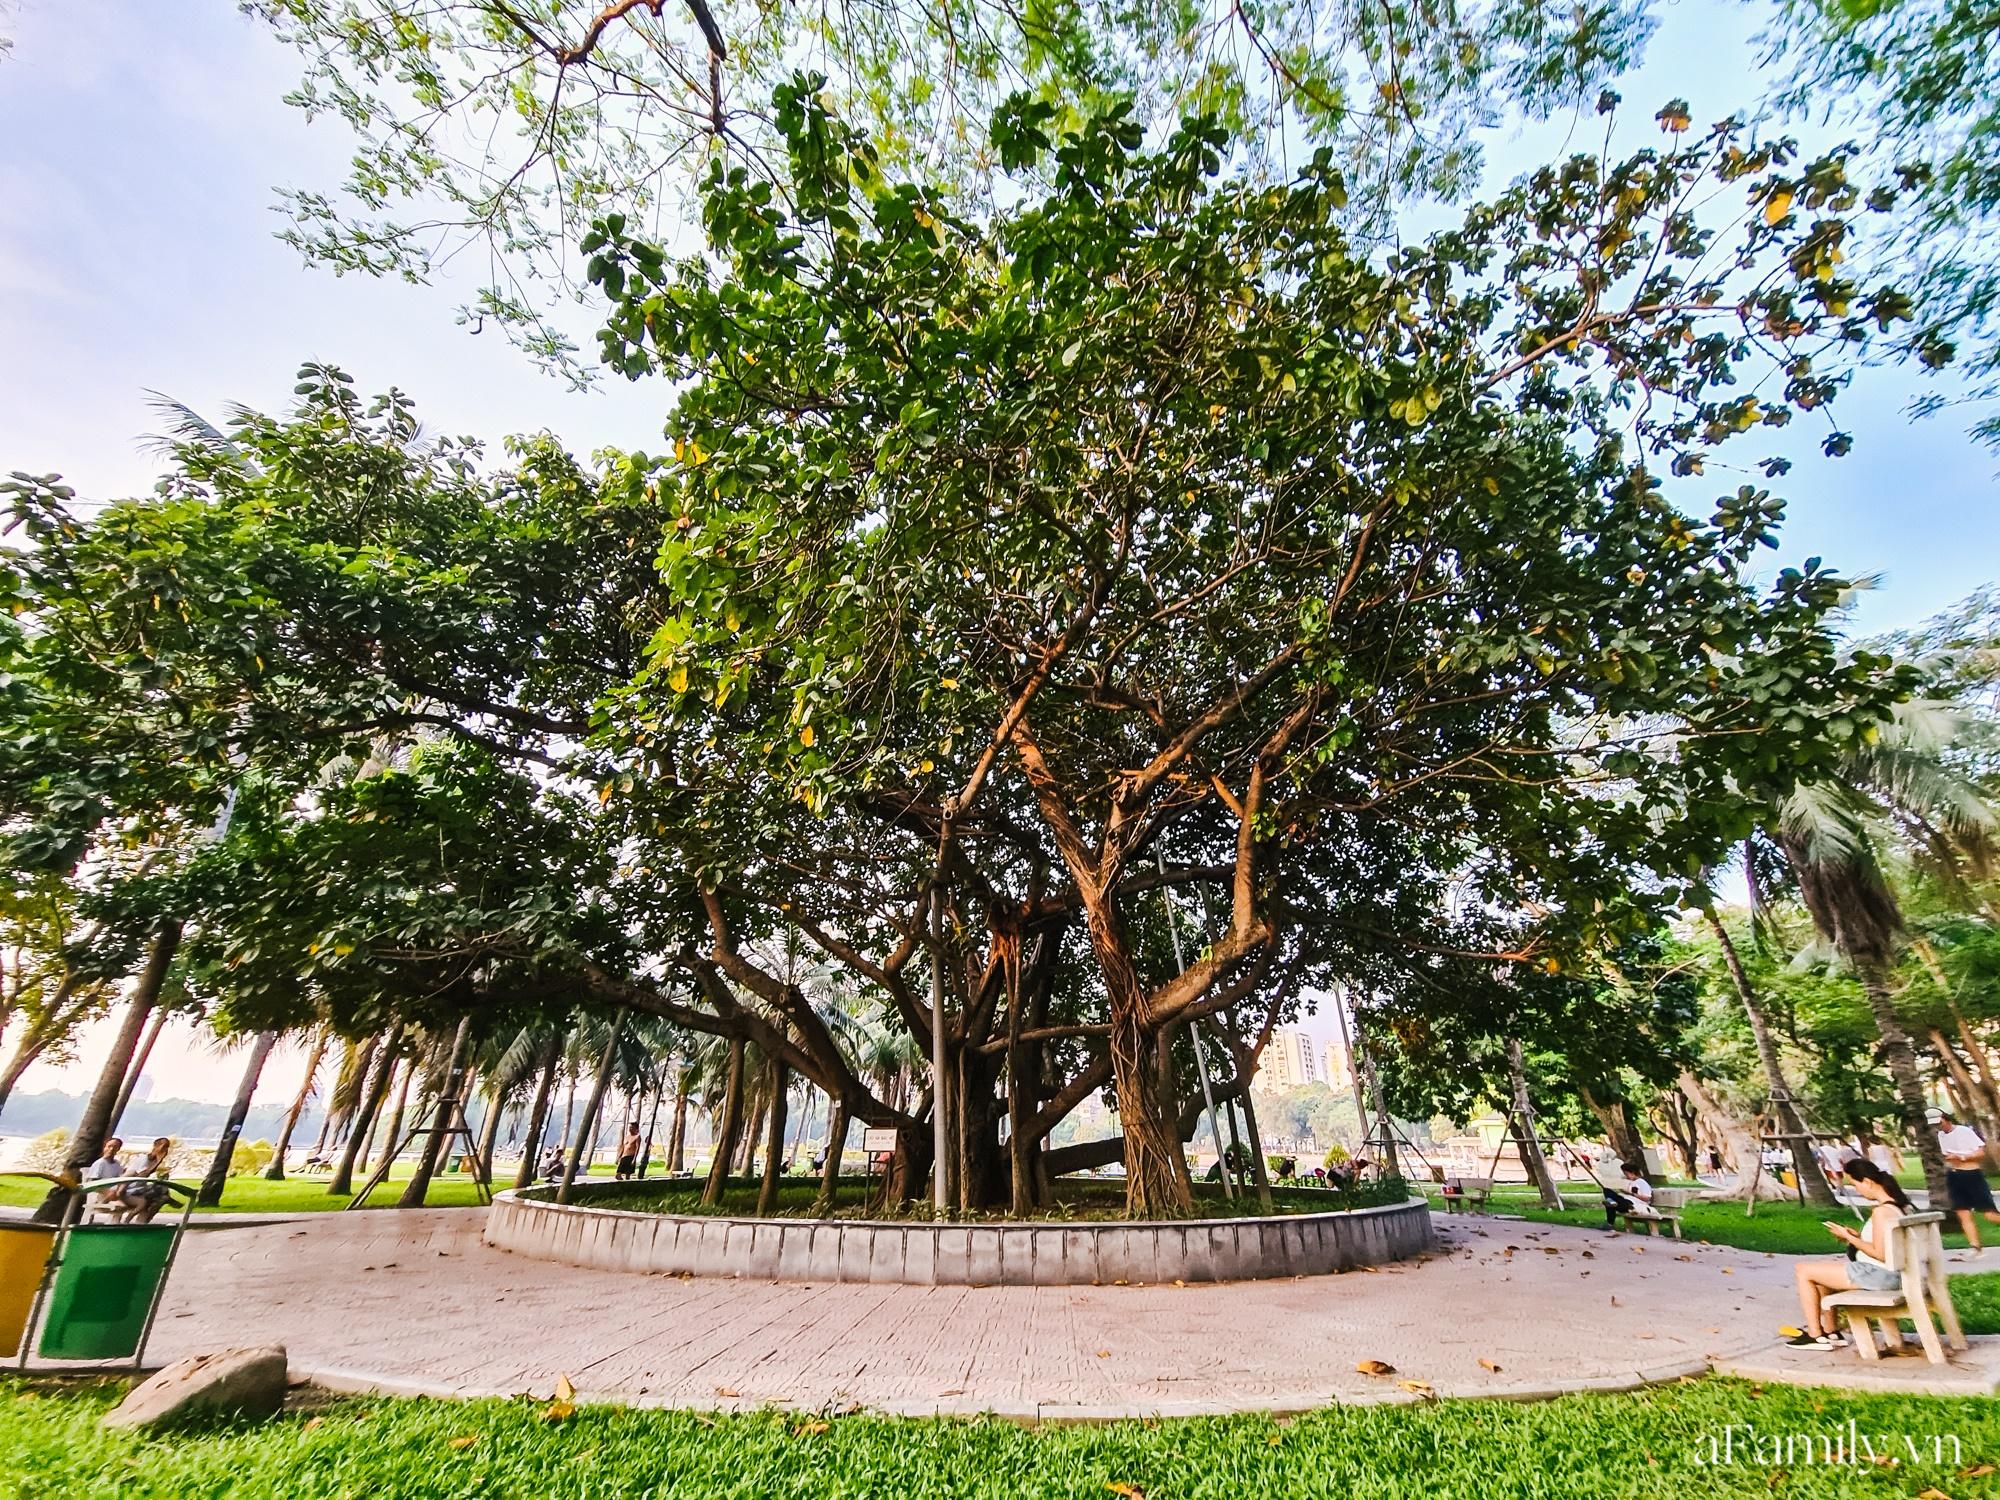 4000 đồng cho tour du lịch hè độc đáo ngay giữa thủ đô ở một công viên lâu đời vừa có đảo, vừa có rừng cây xanh, hồ cá trong lành - Ảnh 11.